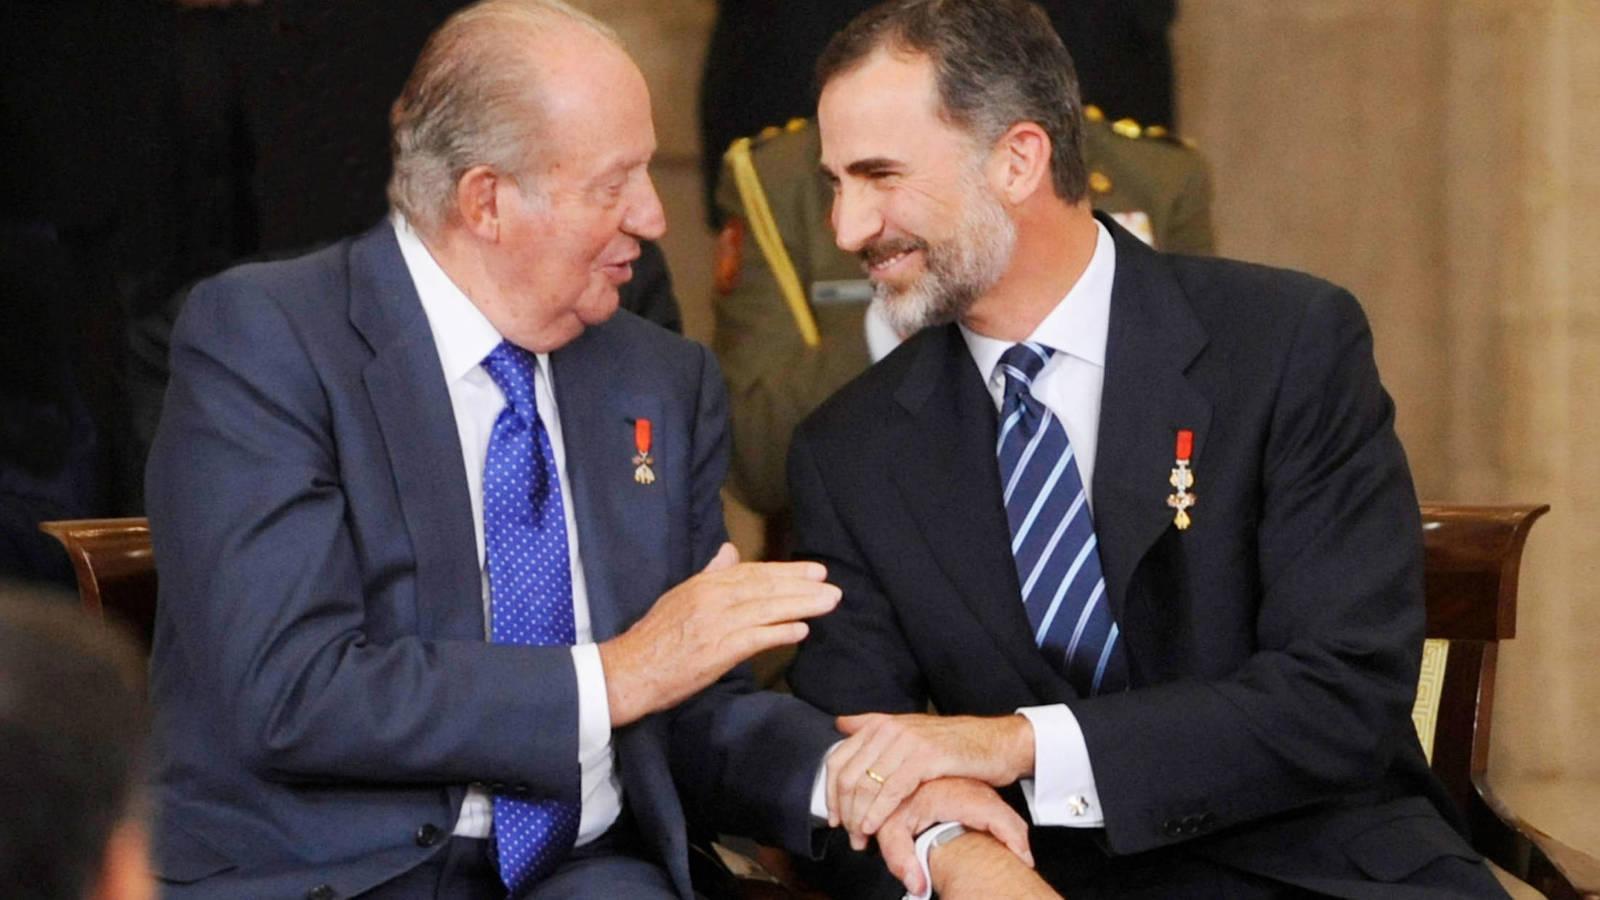 El Rey Juan Carlos I anuncia que se va de España | La Otra Opinión